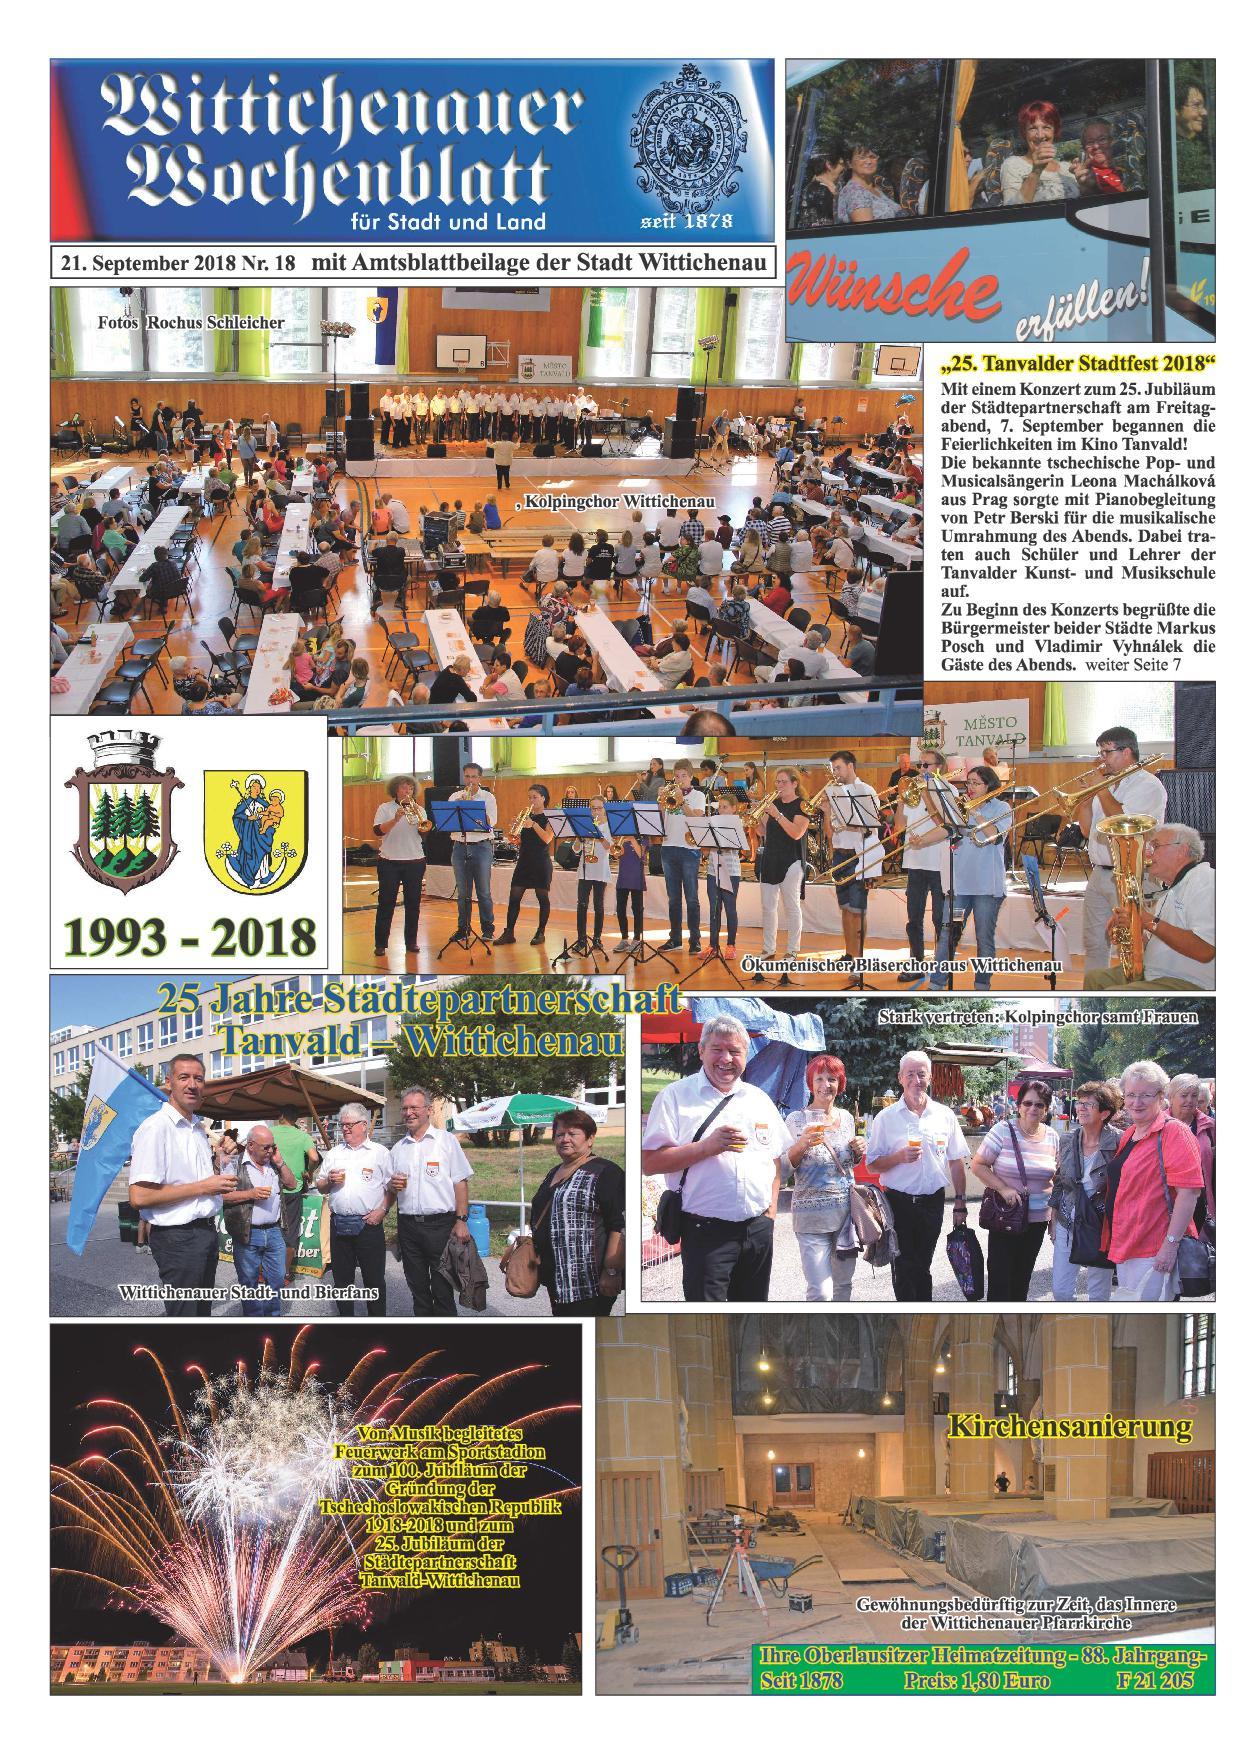 Wochenblatt Nr. 18 - 2018